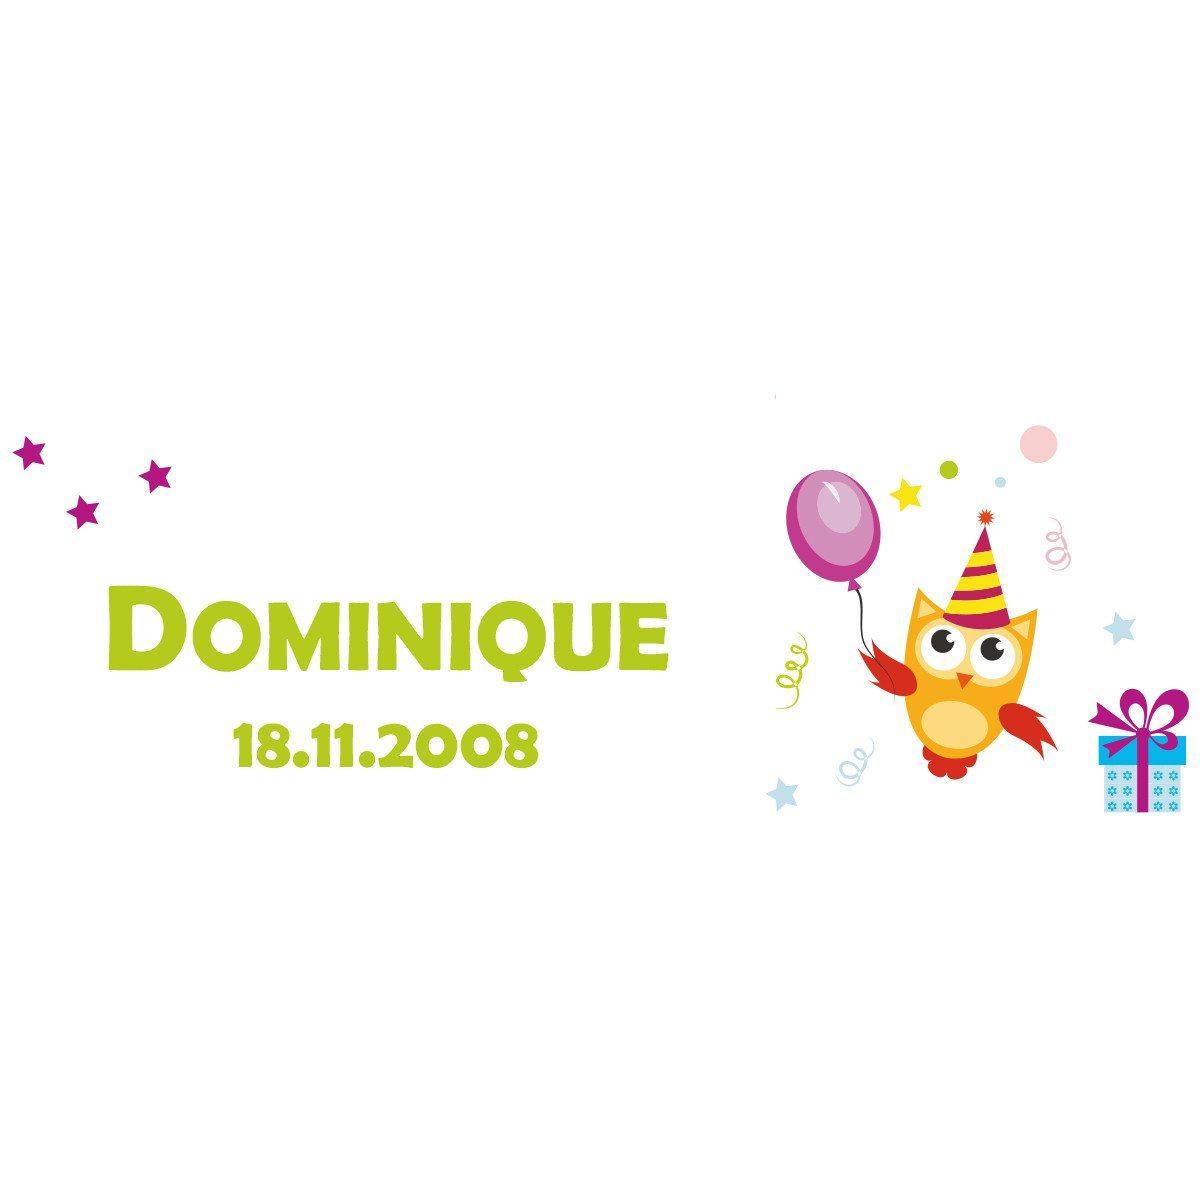 Geburtstagstasse mit Namen und Datum